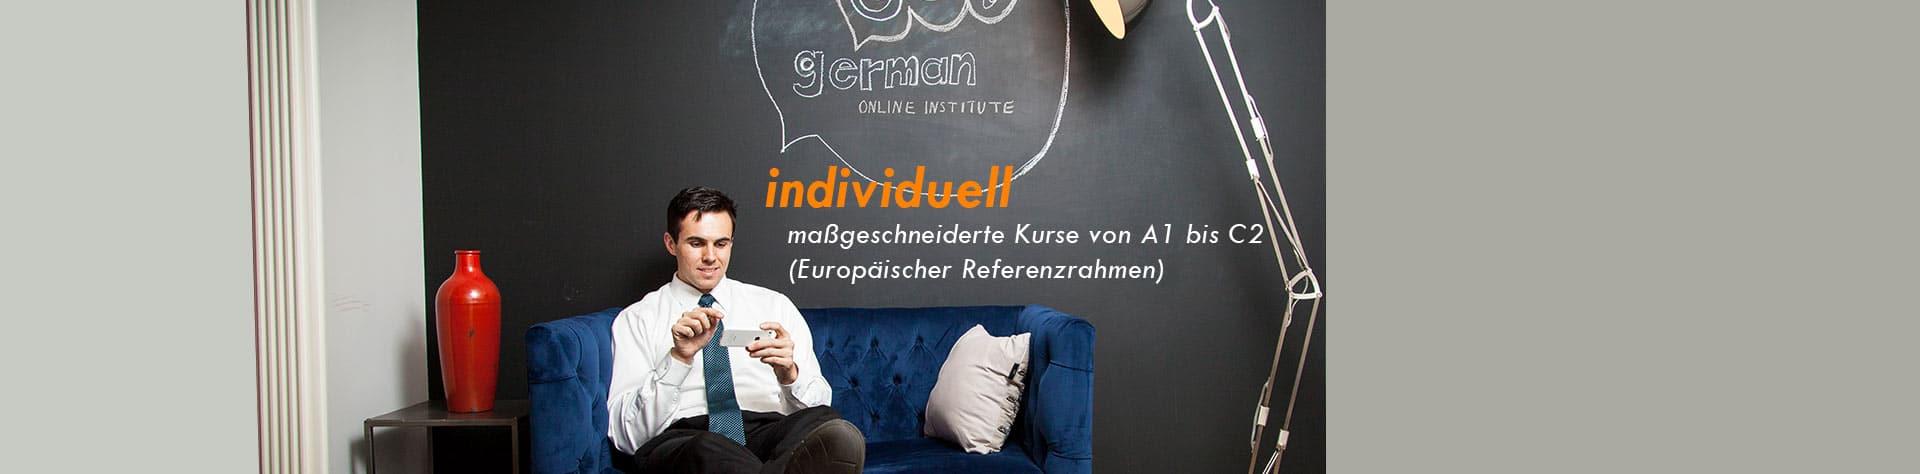 Banner German Online Institute